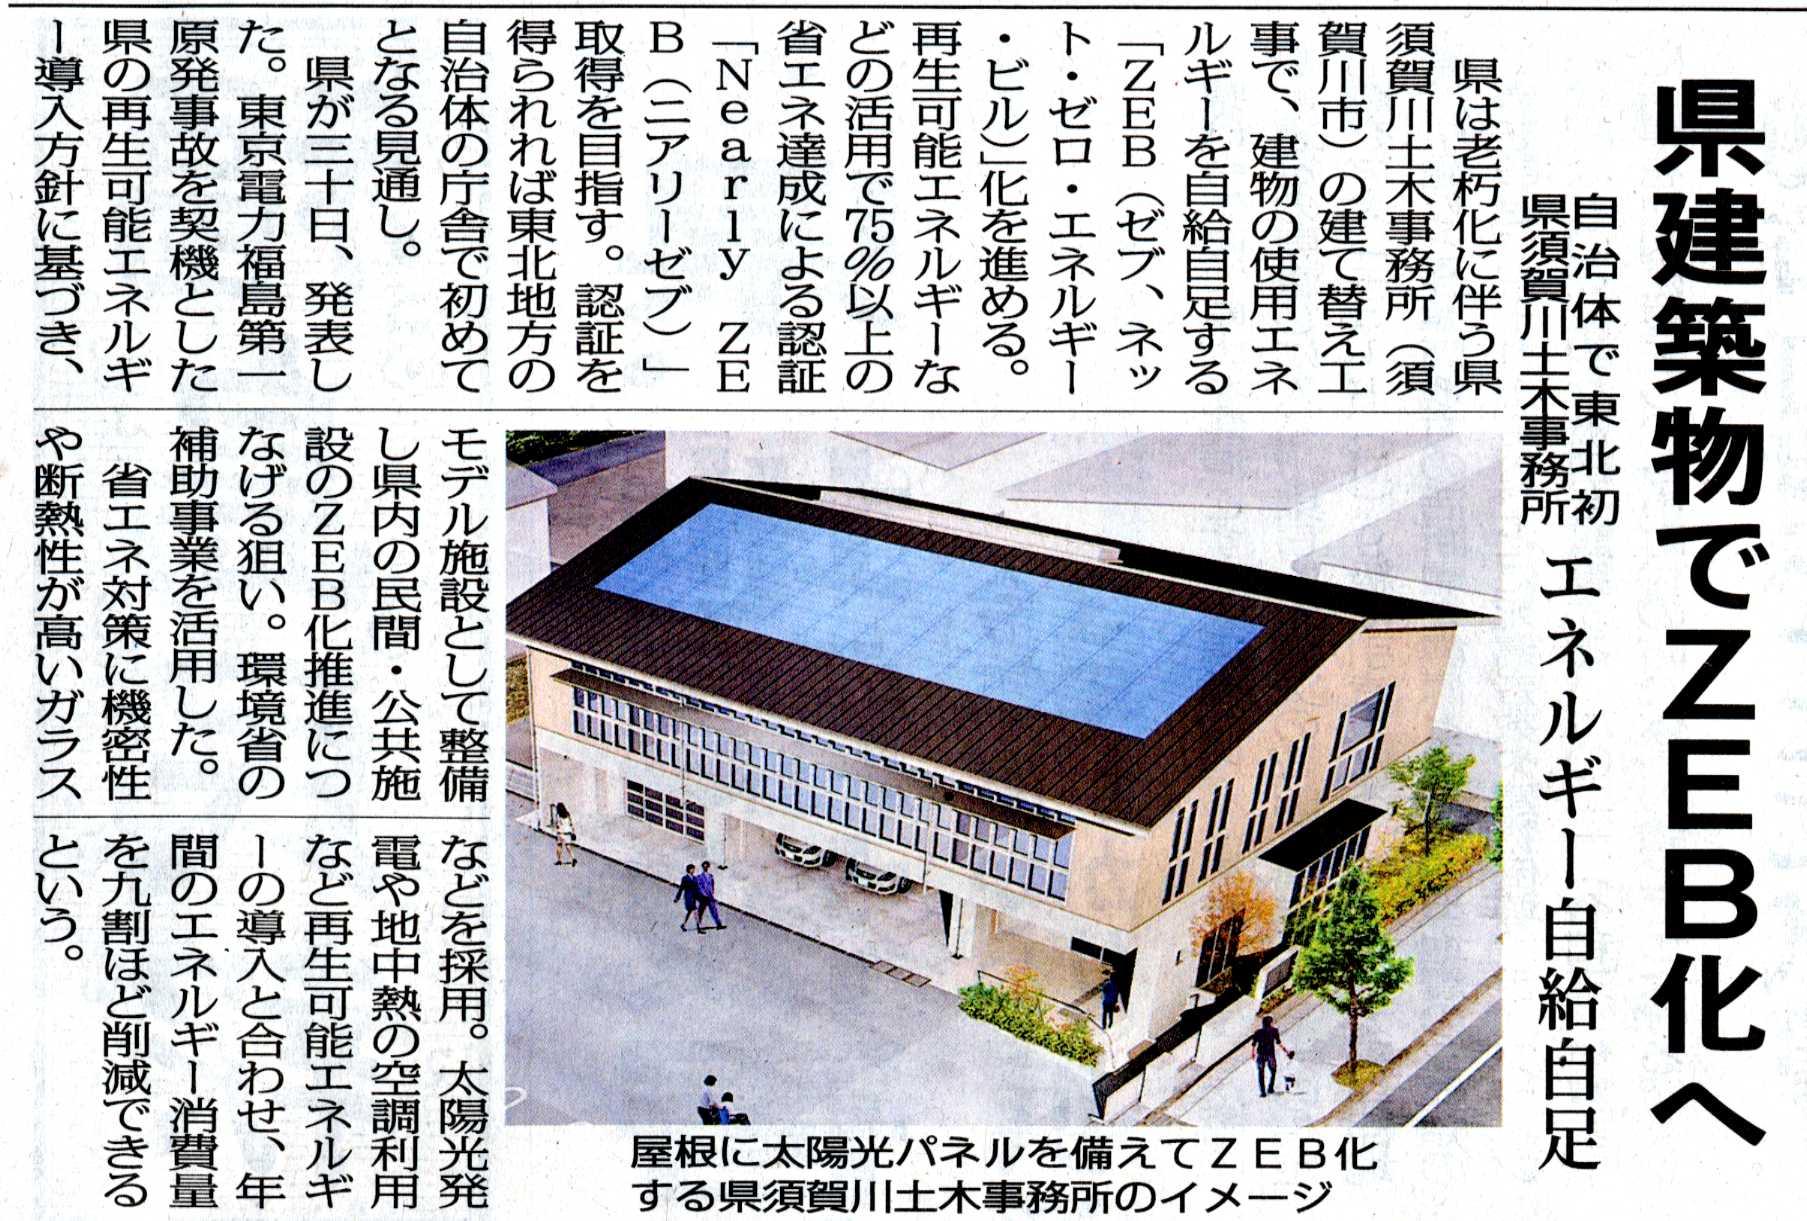 福島民報8月31日